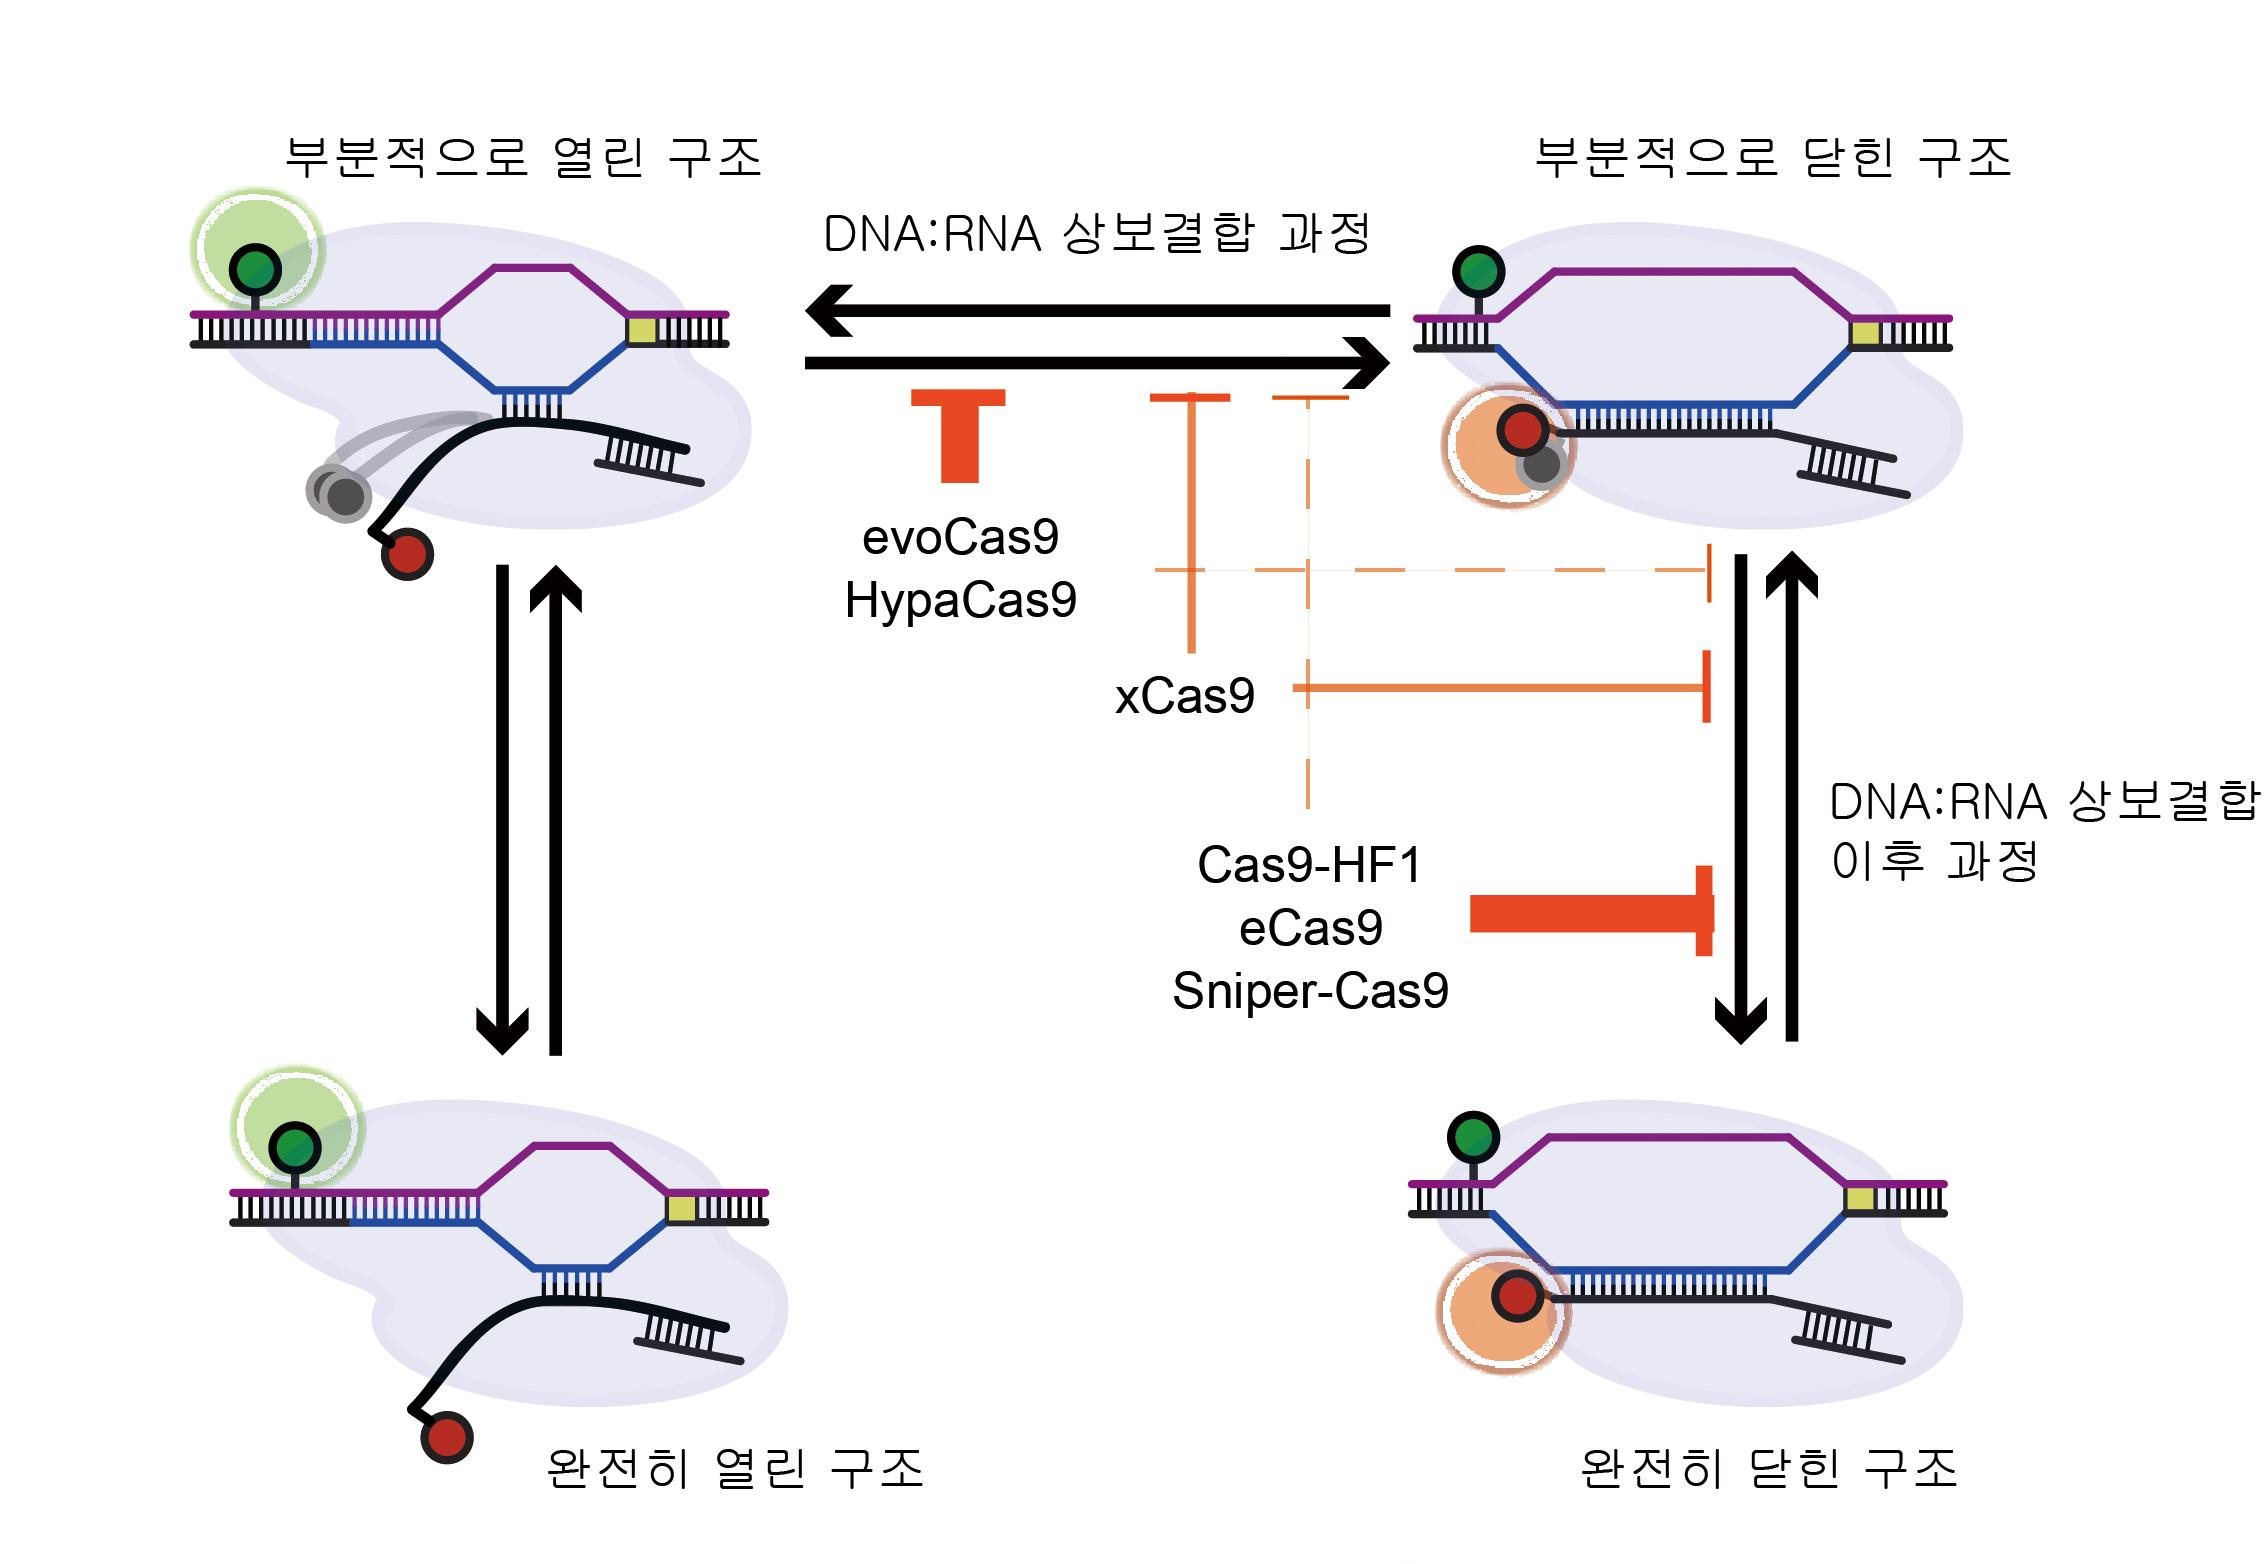 [21.10.07]한양대 배상수 교수, 부작용 없는 유전자가위 개발에 초석 다져